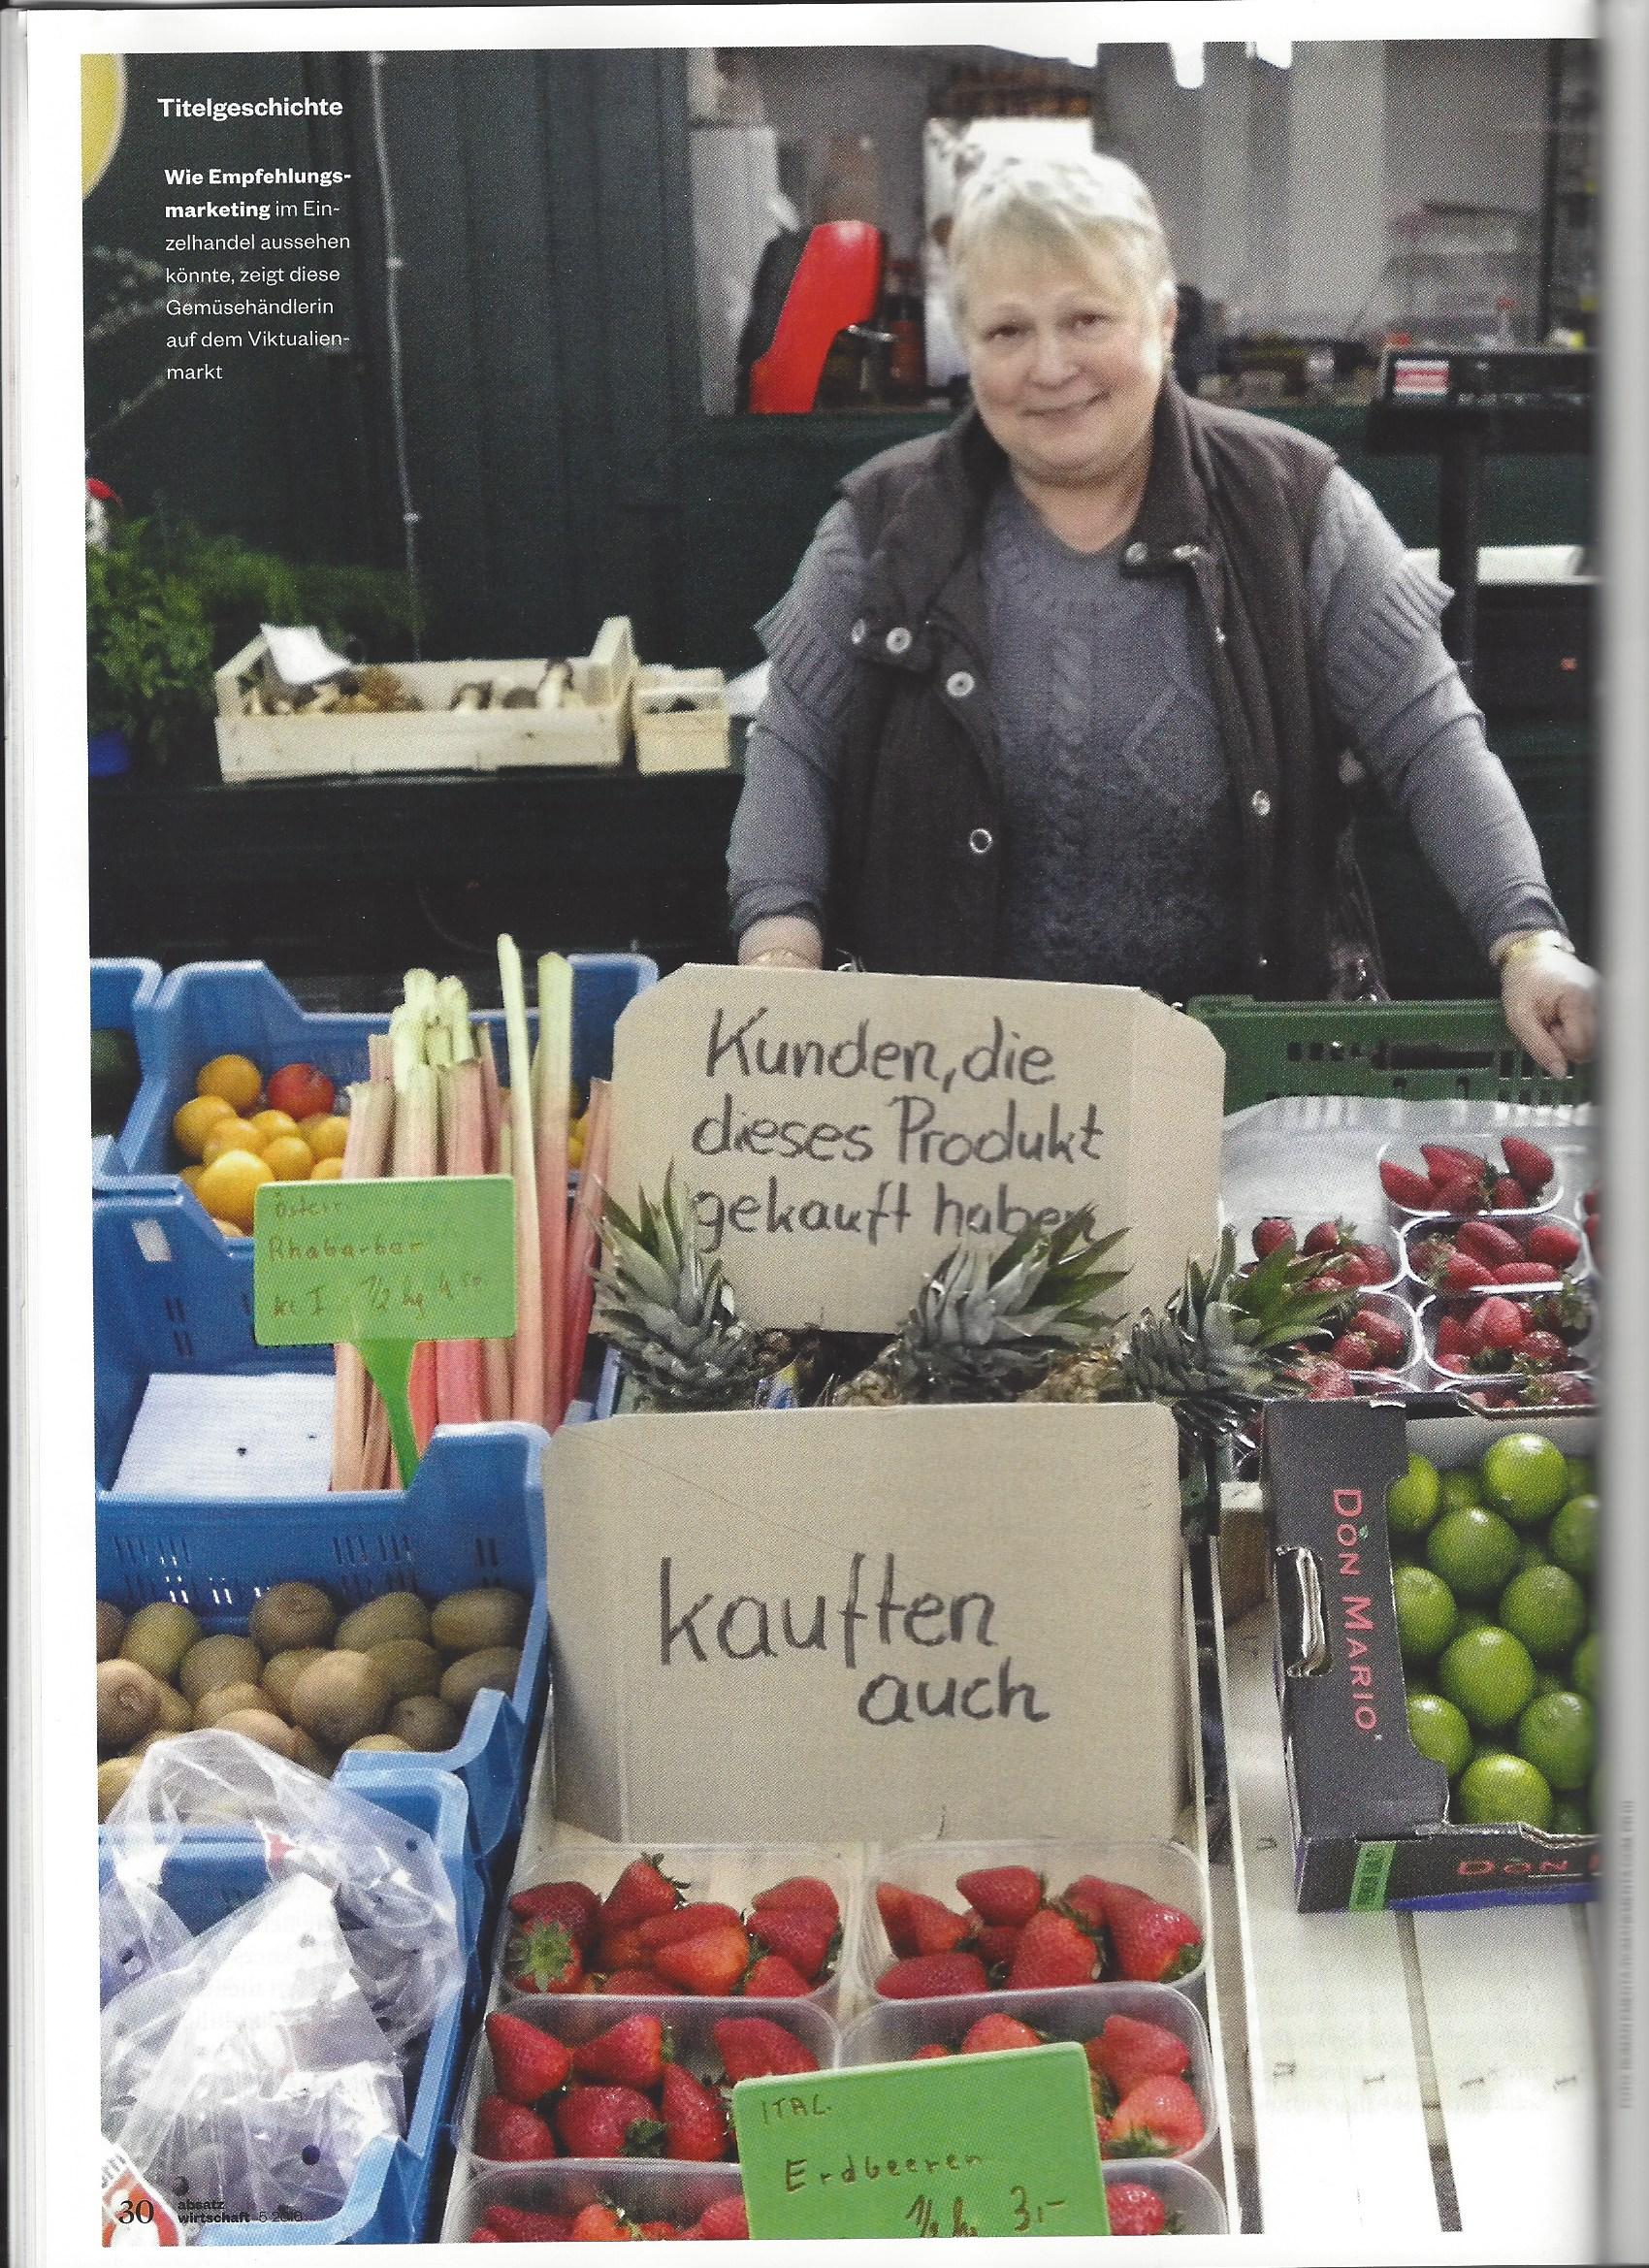 absatzwirtschaft zeitschrift für Marketing - Artikel Roman Kmenta - Seite 30 - 5/2016 - Roman Kmenta - Unternehmer und Keynote Speaker